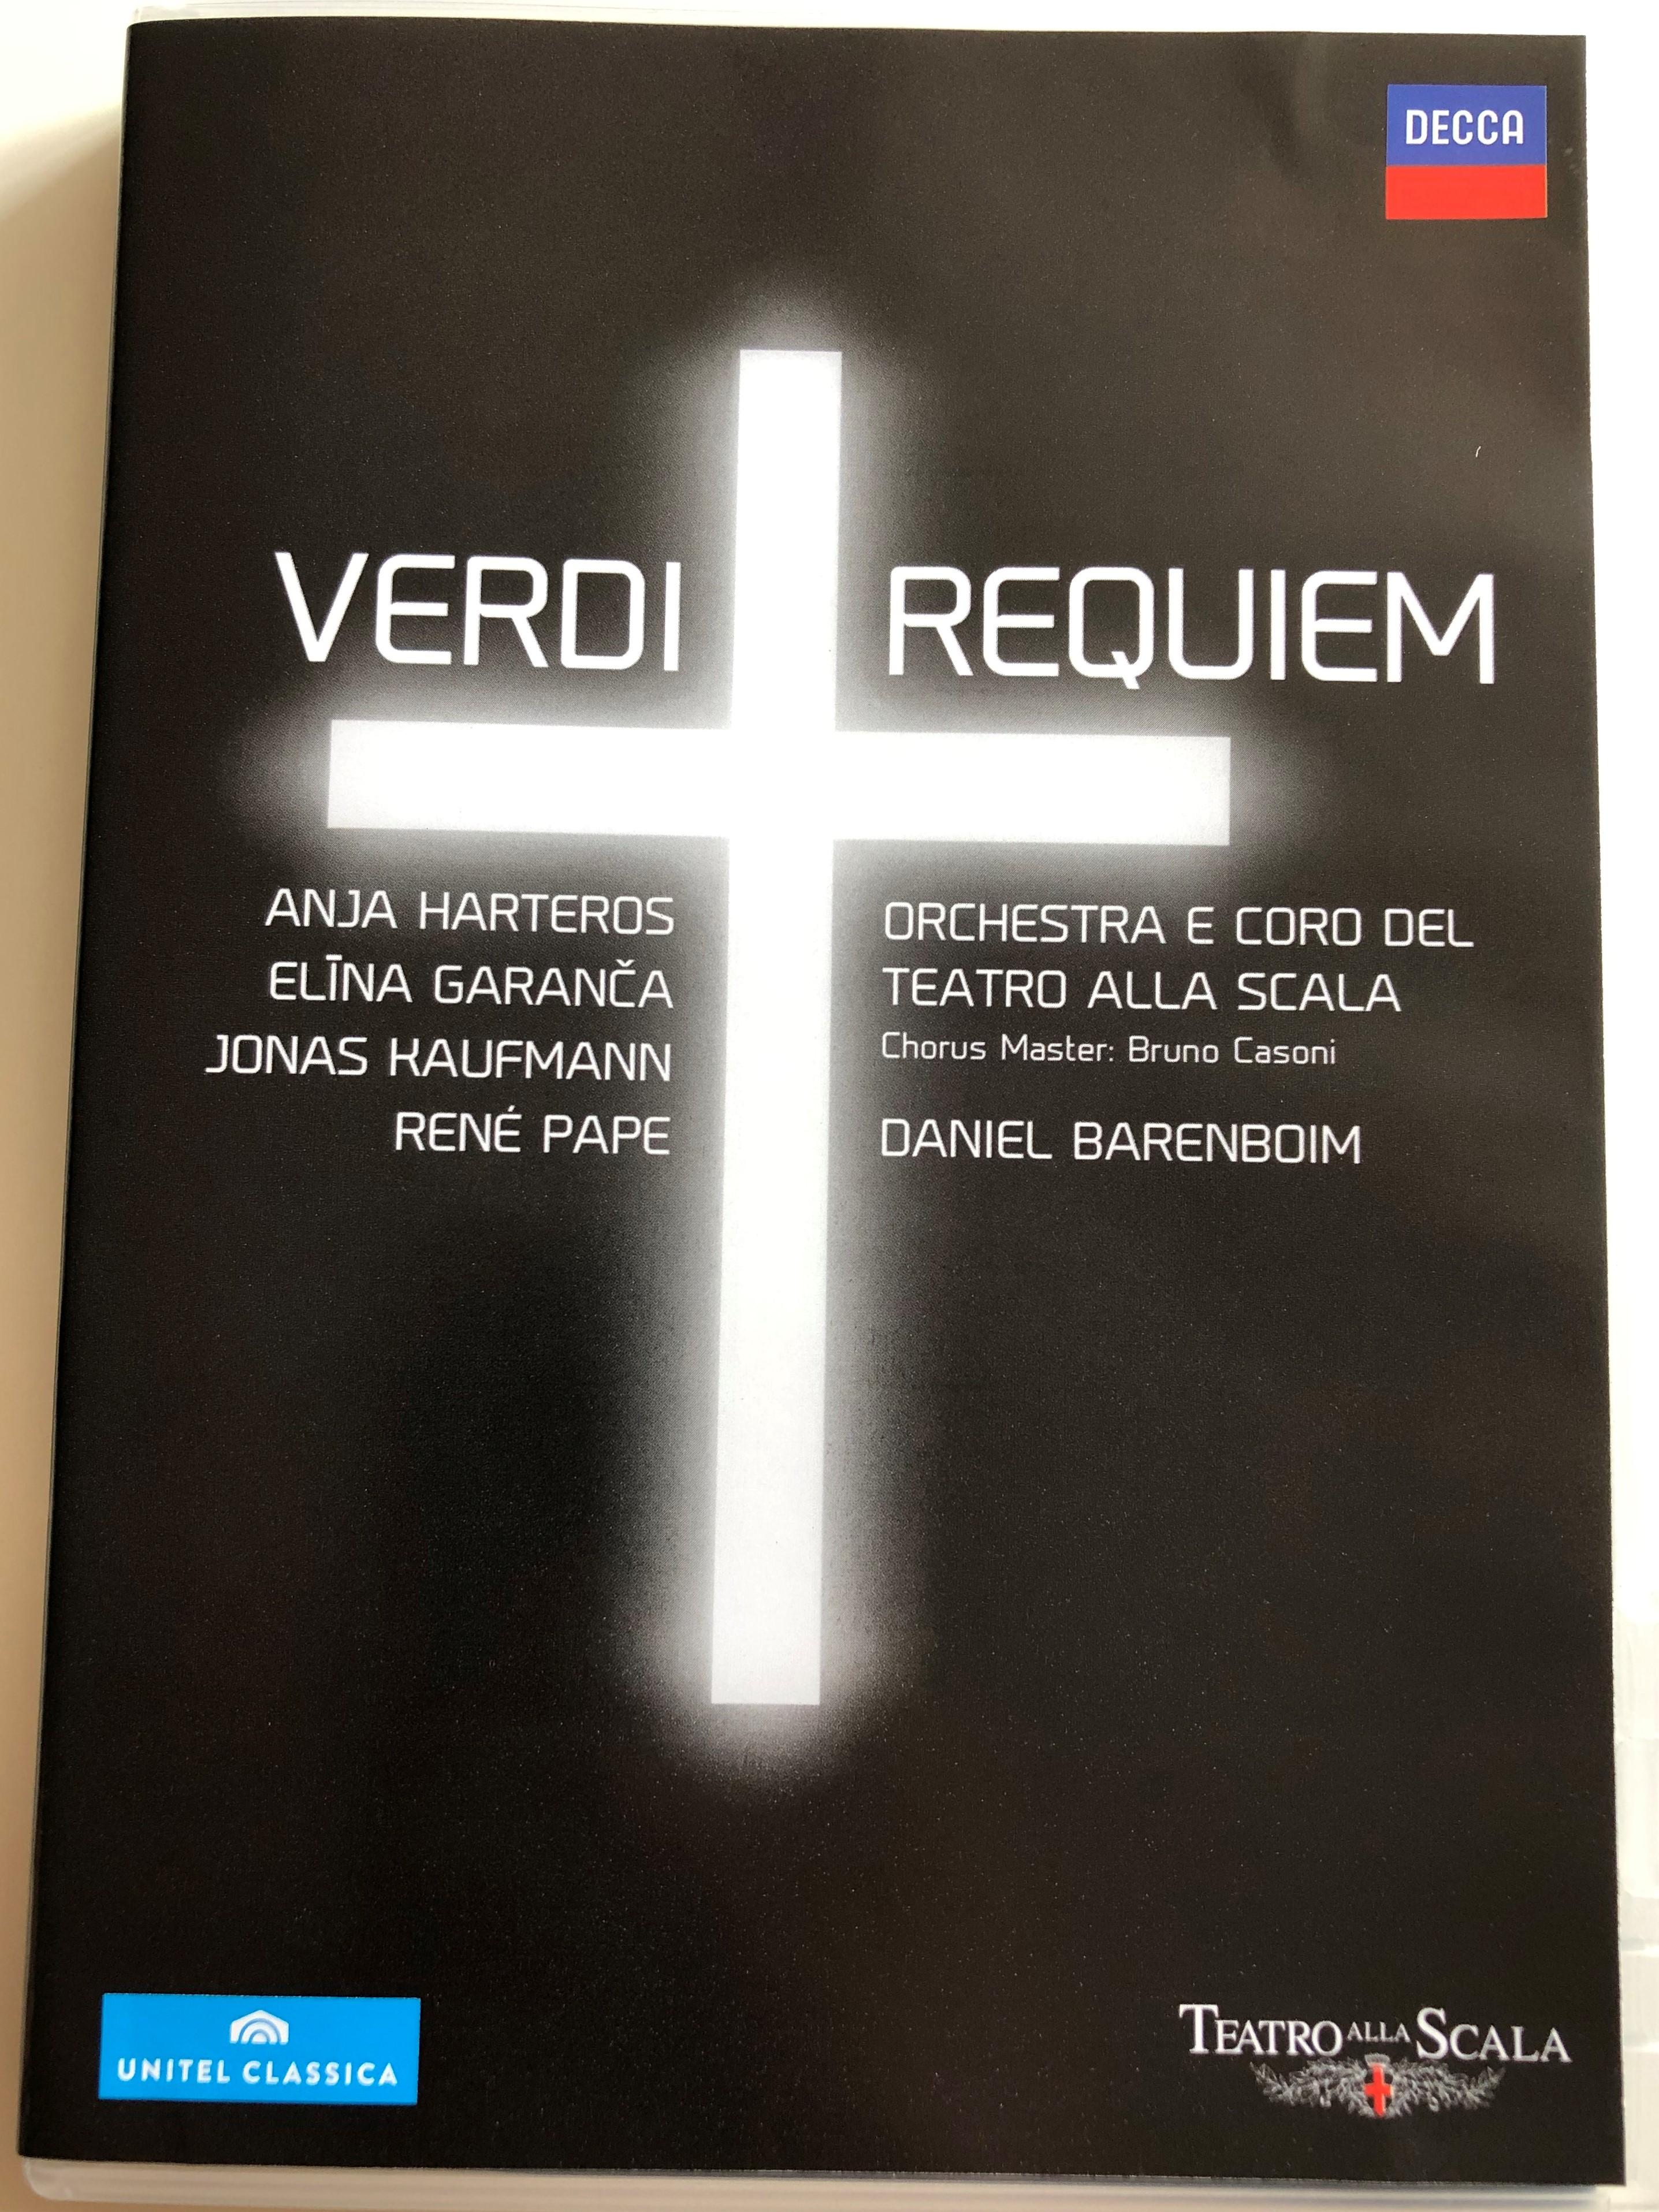 verdi-requiem-dvd-2013-orchestra-e-coro-del-teatro-alla-scala-chorus-master-bruno-casoni-daniel-barenboim-anja-harteros-elina-garanca-jonas-kaufmann-ren-pape-decca-1-.jpg